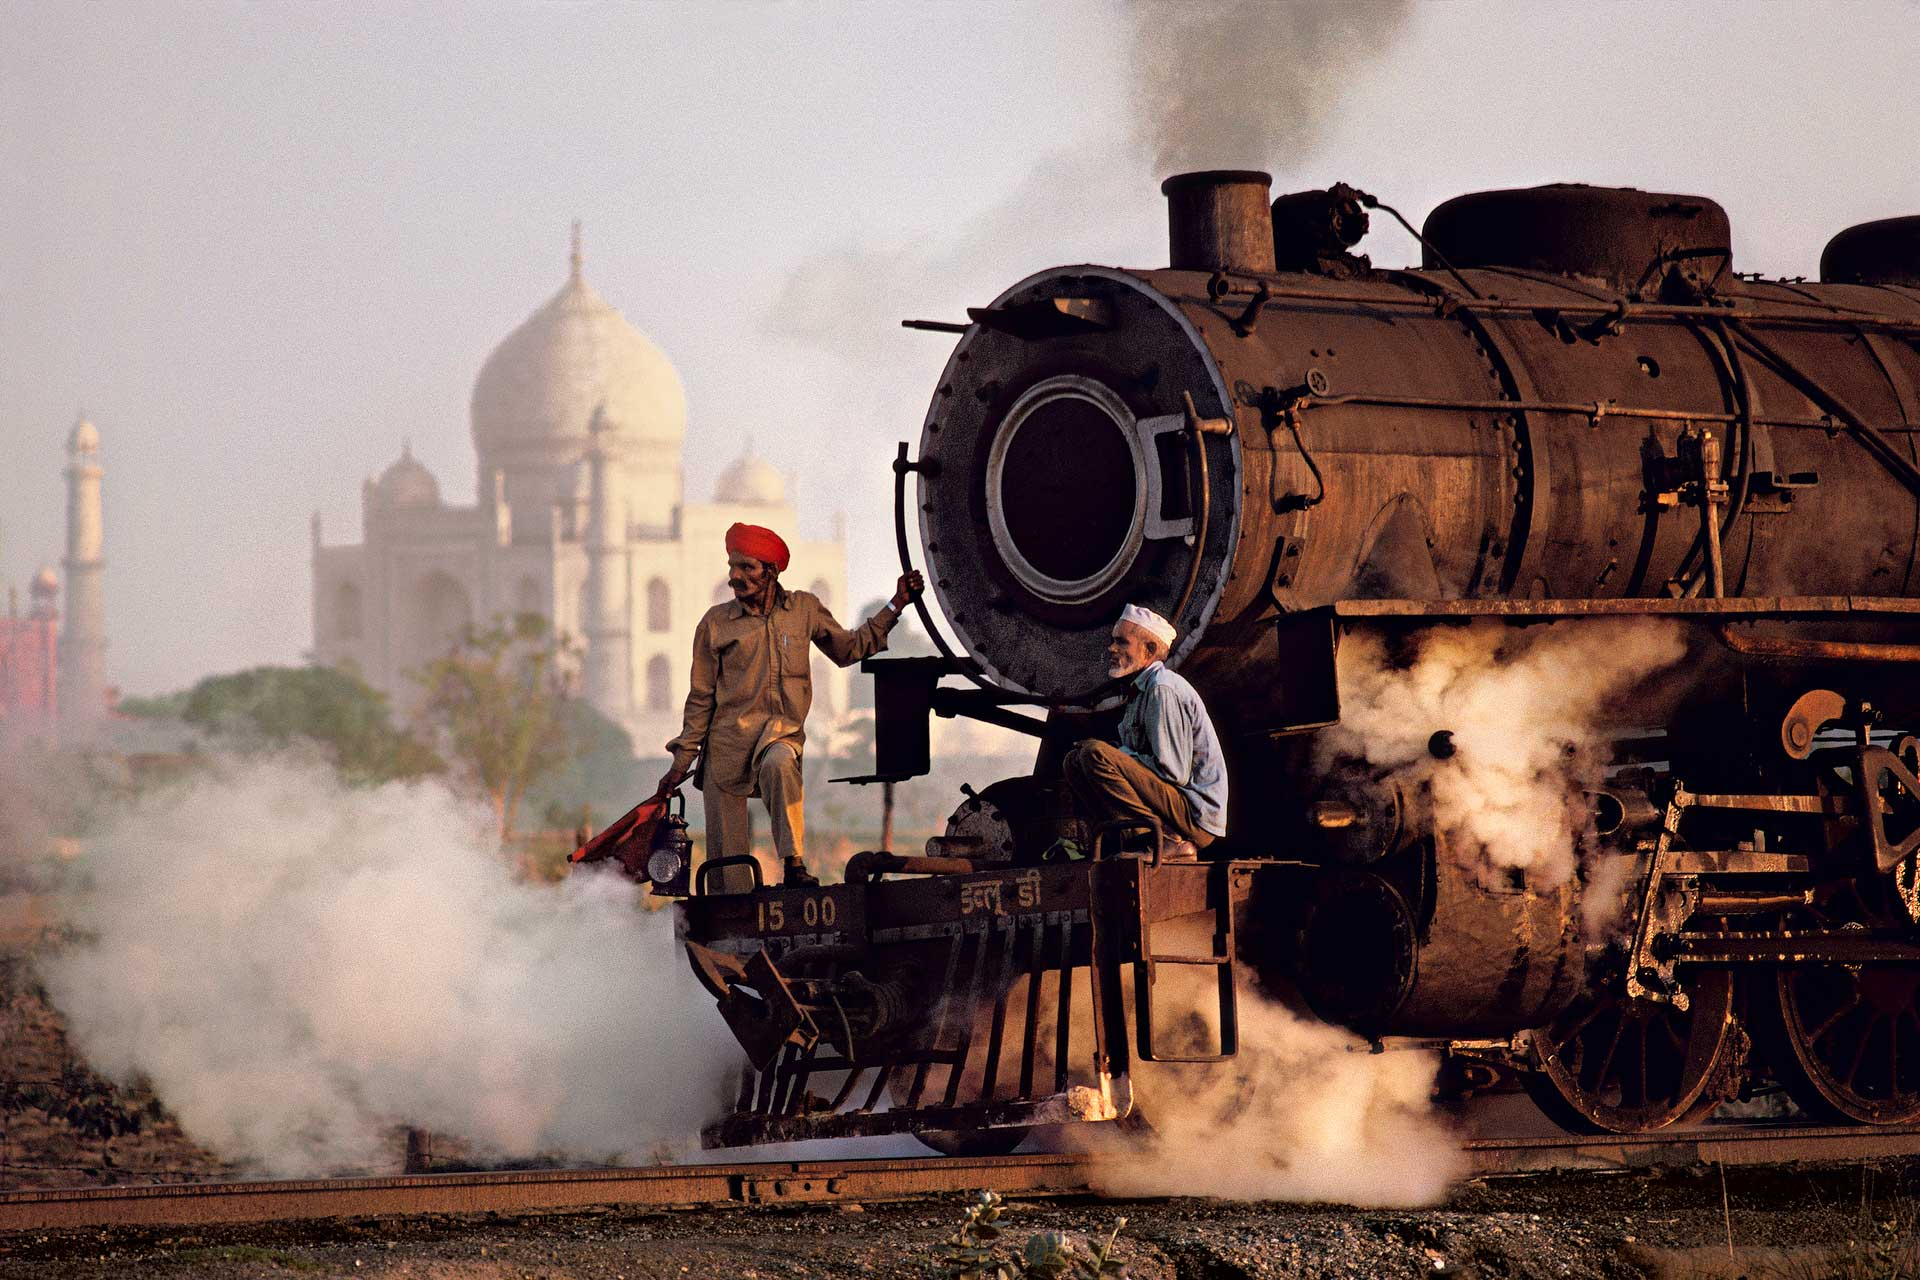 Taj Mahal and train